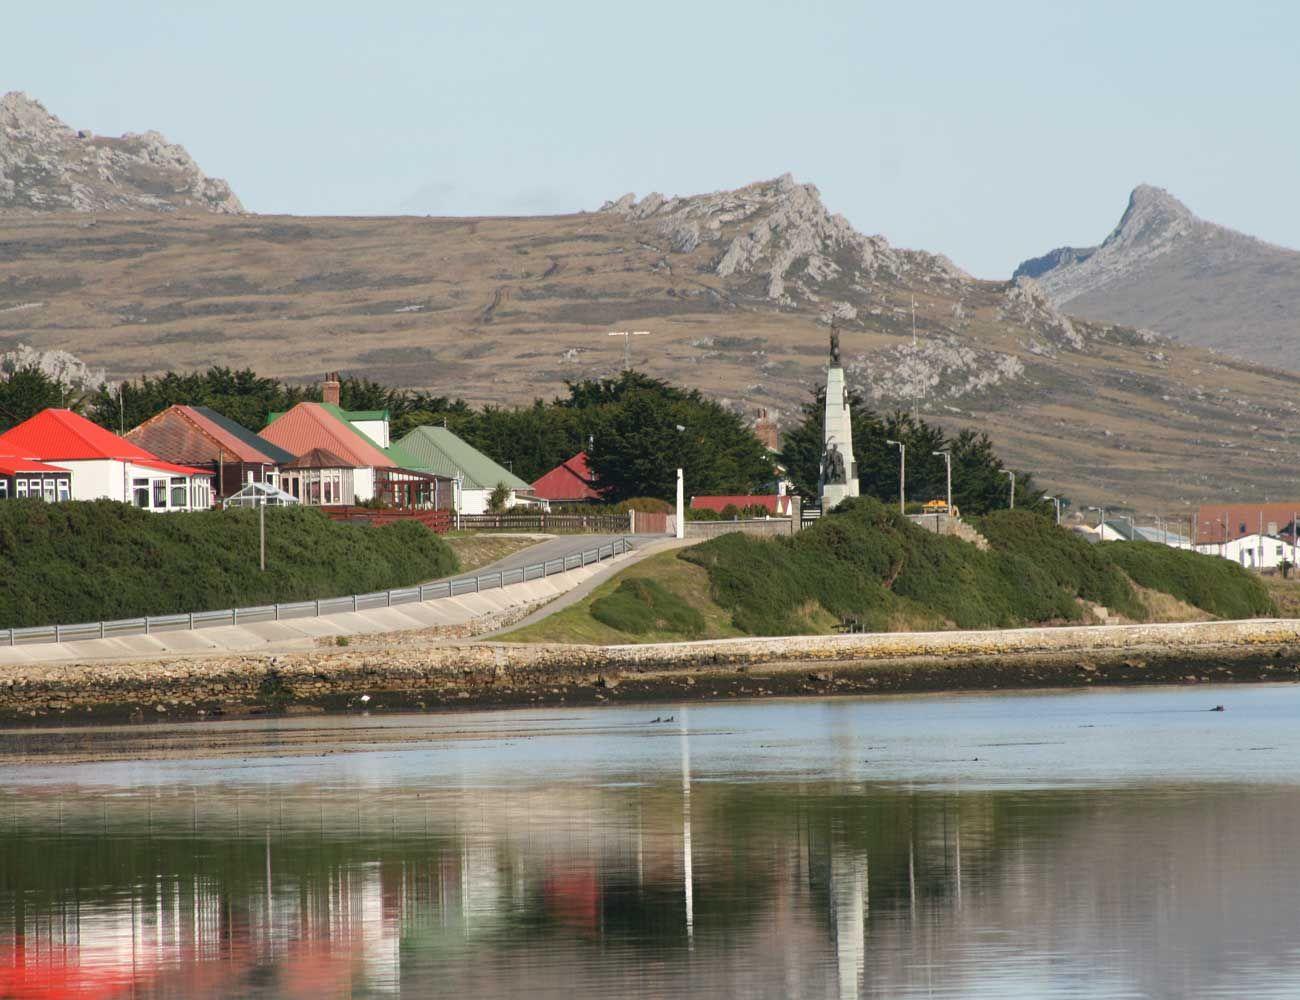 Falkland Islands Government Housing